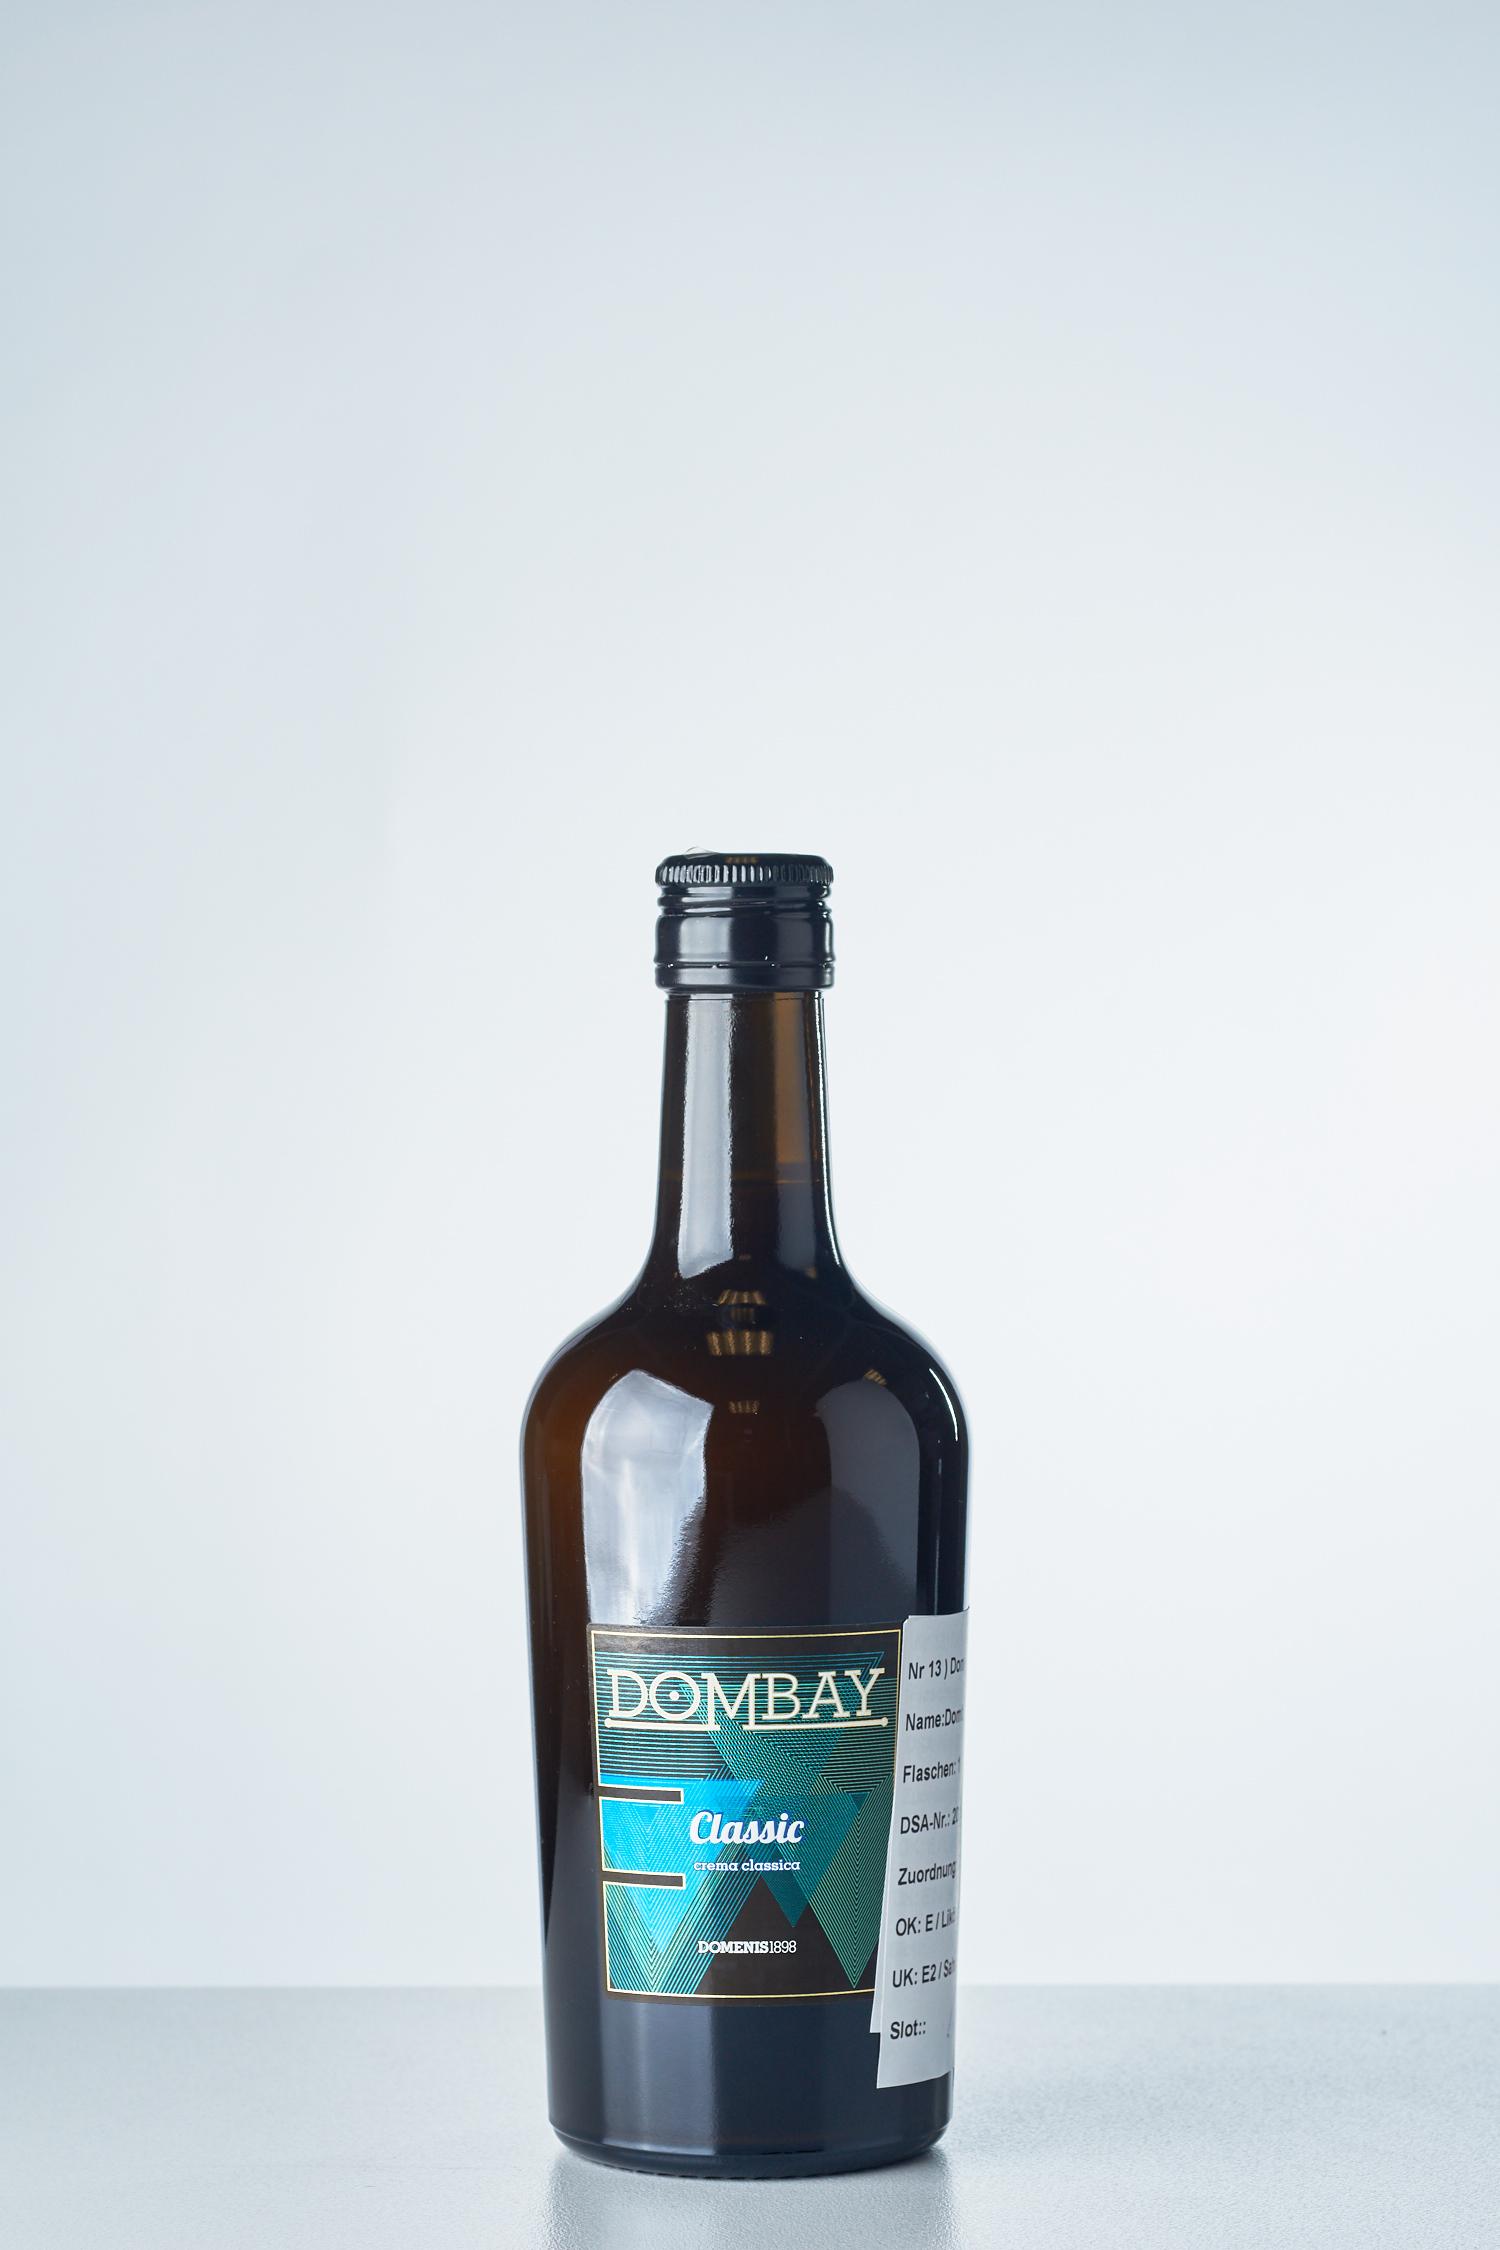 DOMENIS1898 SRL - DOMBAY CLASSIC